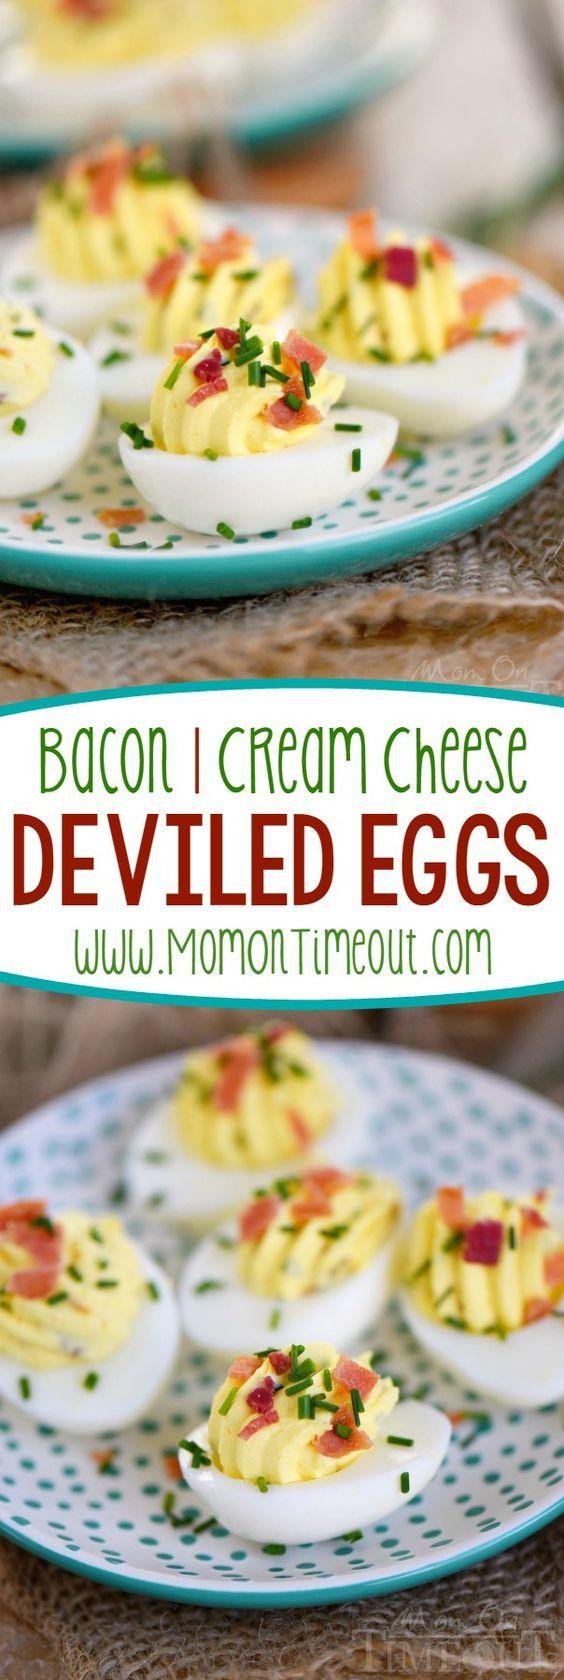 ... Deviled eggs on Pinterest | Easy deviled eggs, Classic deviled eggs